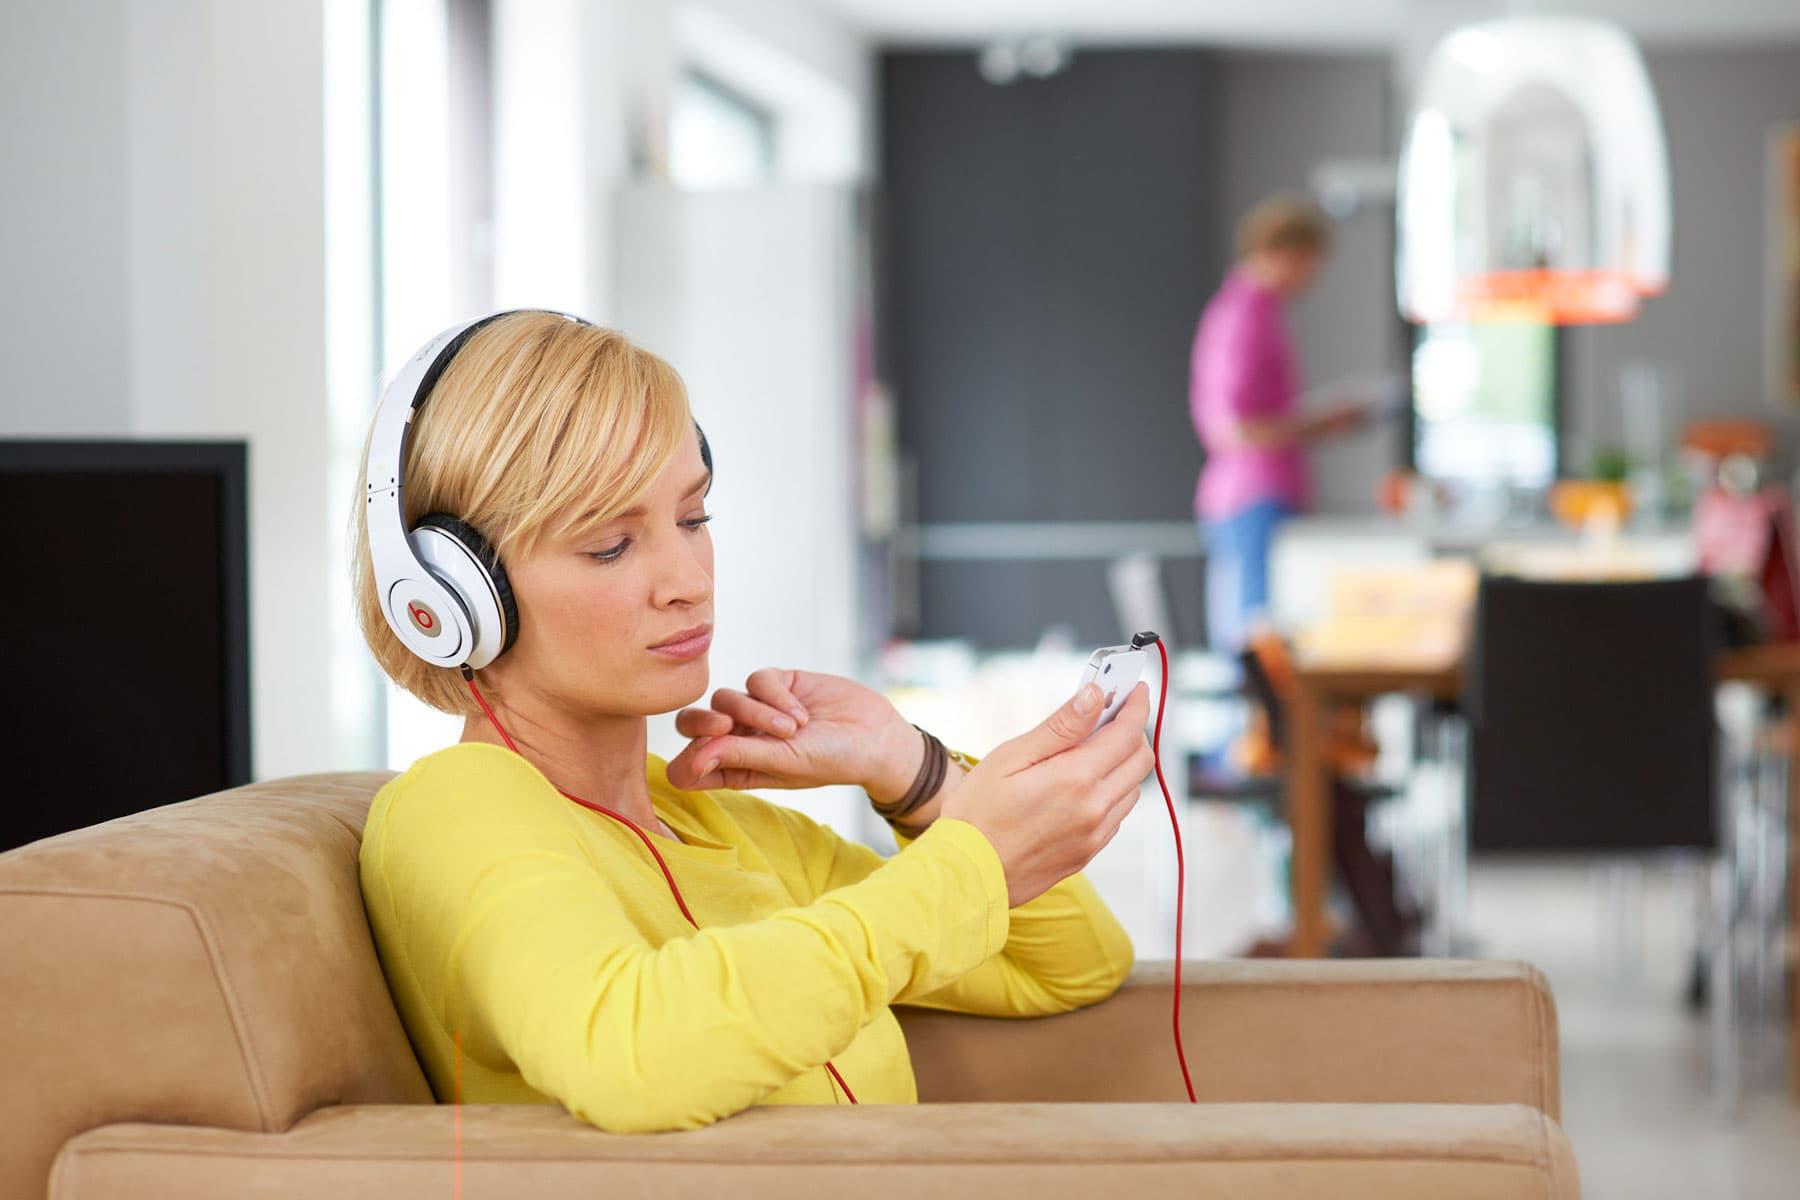 Portrait einer jungen Frau mit weißem Kopfhörer und ihrem Mobilpone in anspruchsvollem Ambiente